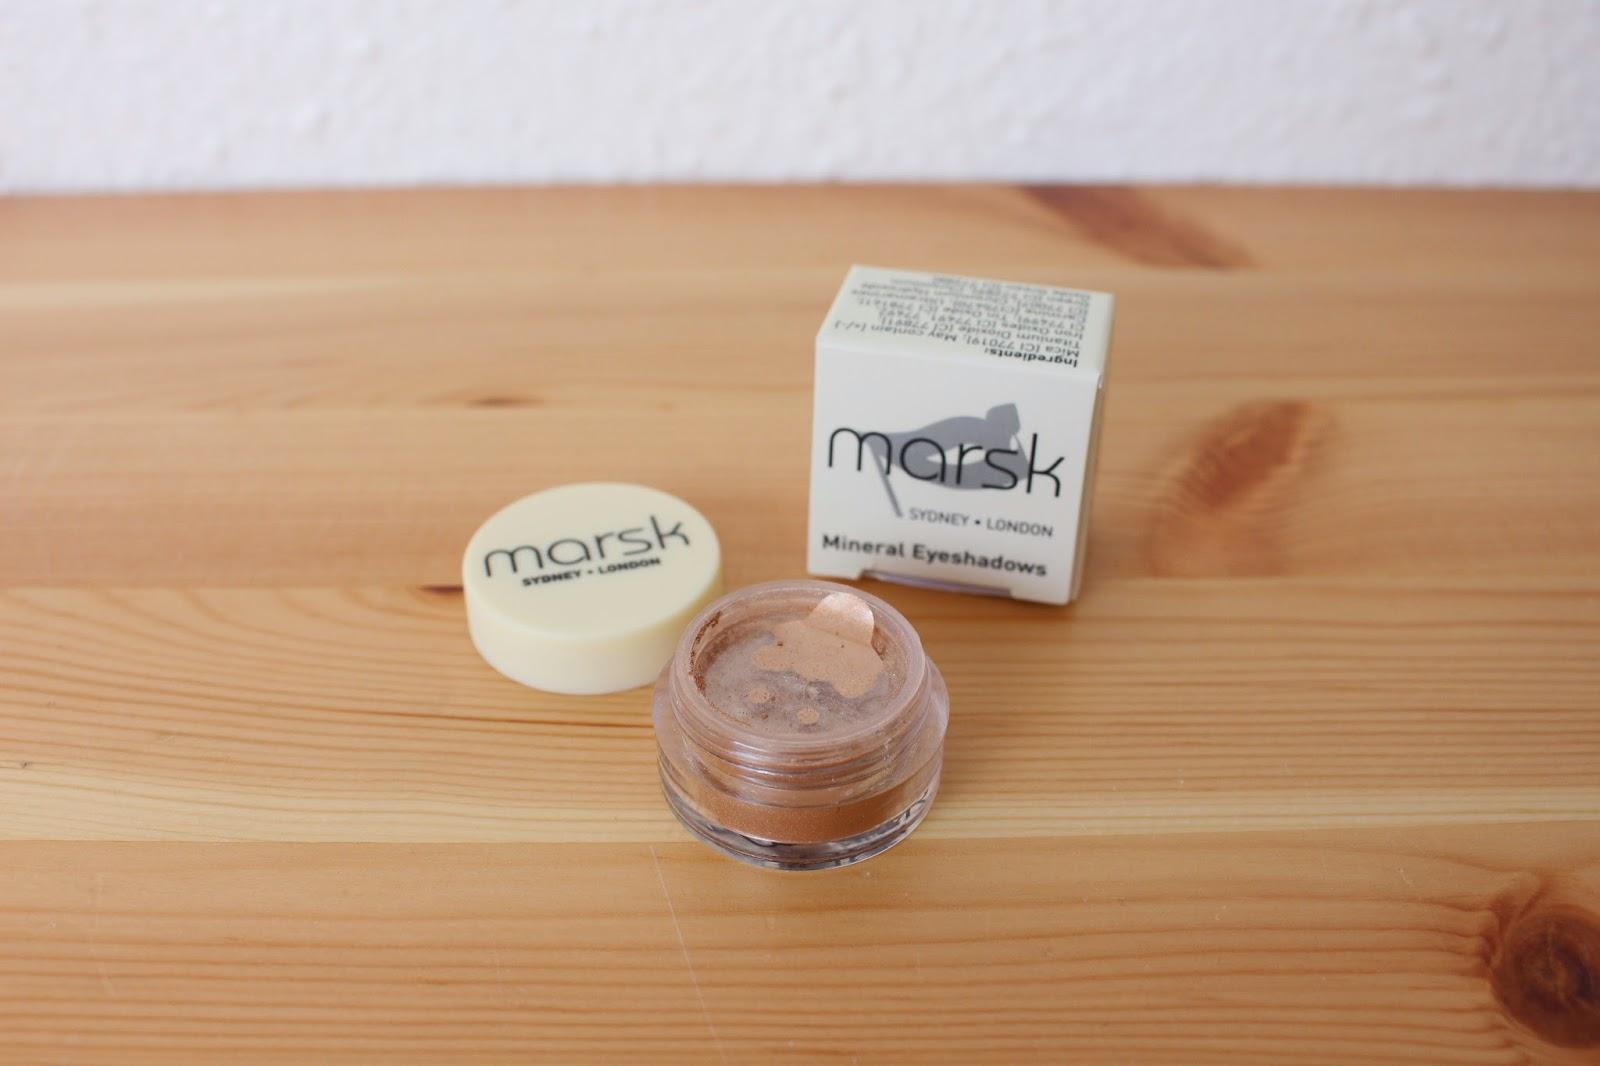 Marks Mineral Eyeshadow